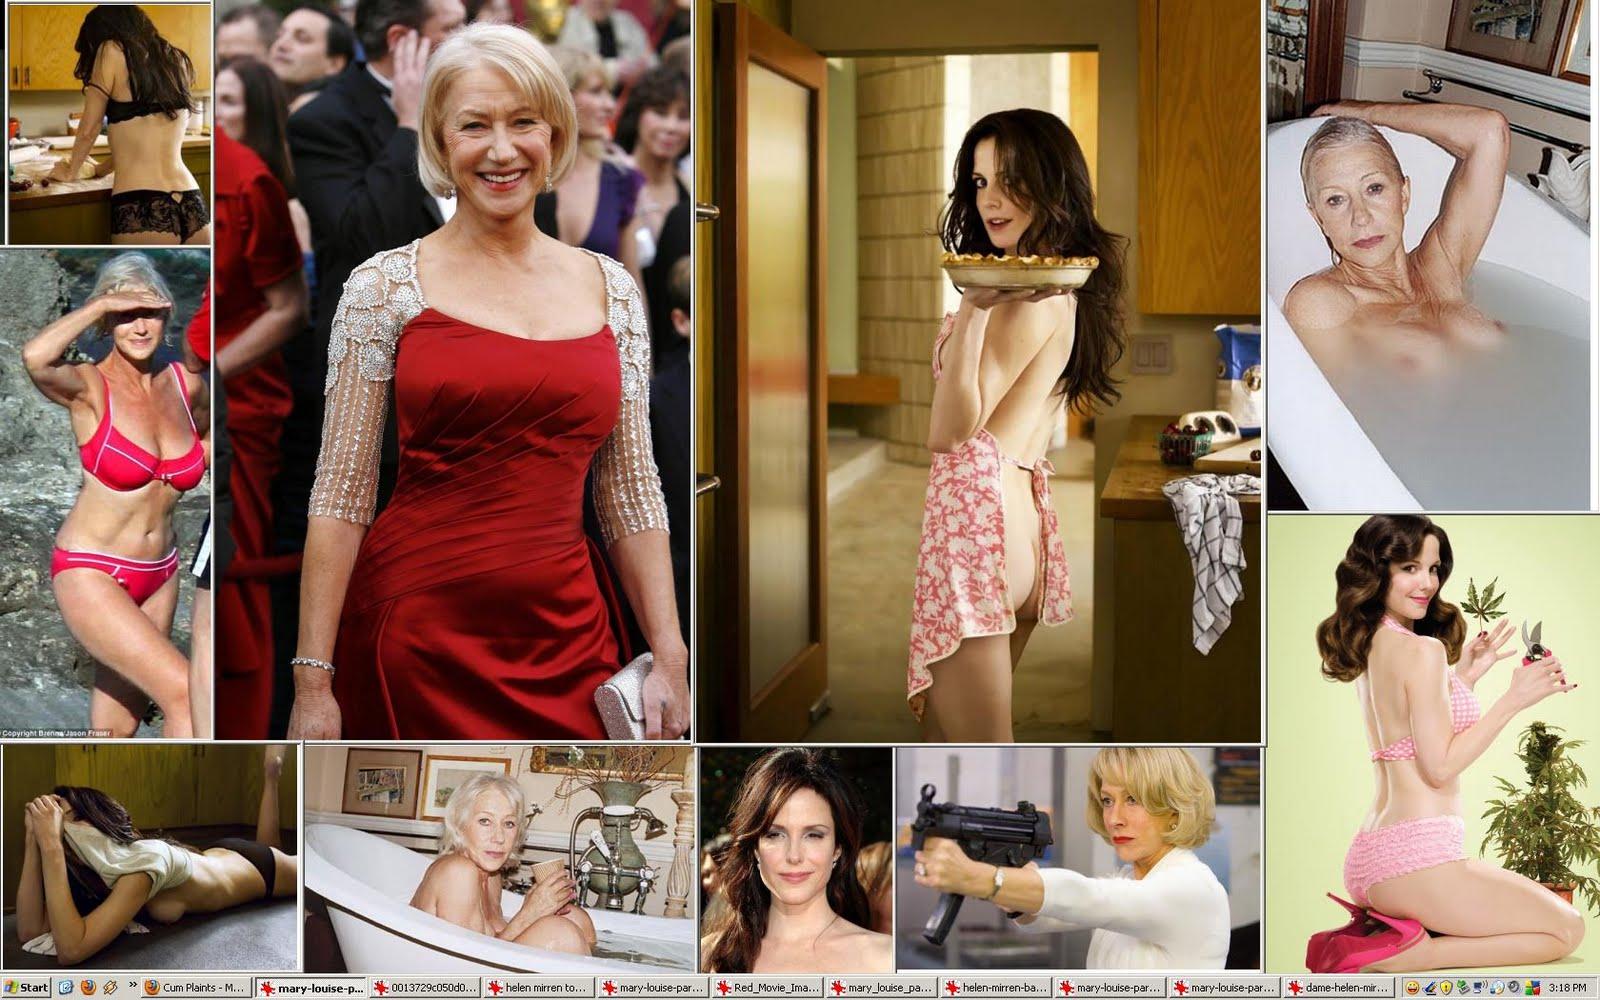 http://3.bp.blogspot.com/_e2CR_Xlt3-s/TLo5_7JLlVI/AAAAAAAAANM/s1tZT9b5q7k/s1600/10.16.10+Helen+Mirren+%26+Mary+Louise+Parker+.JPG